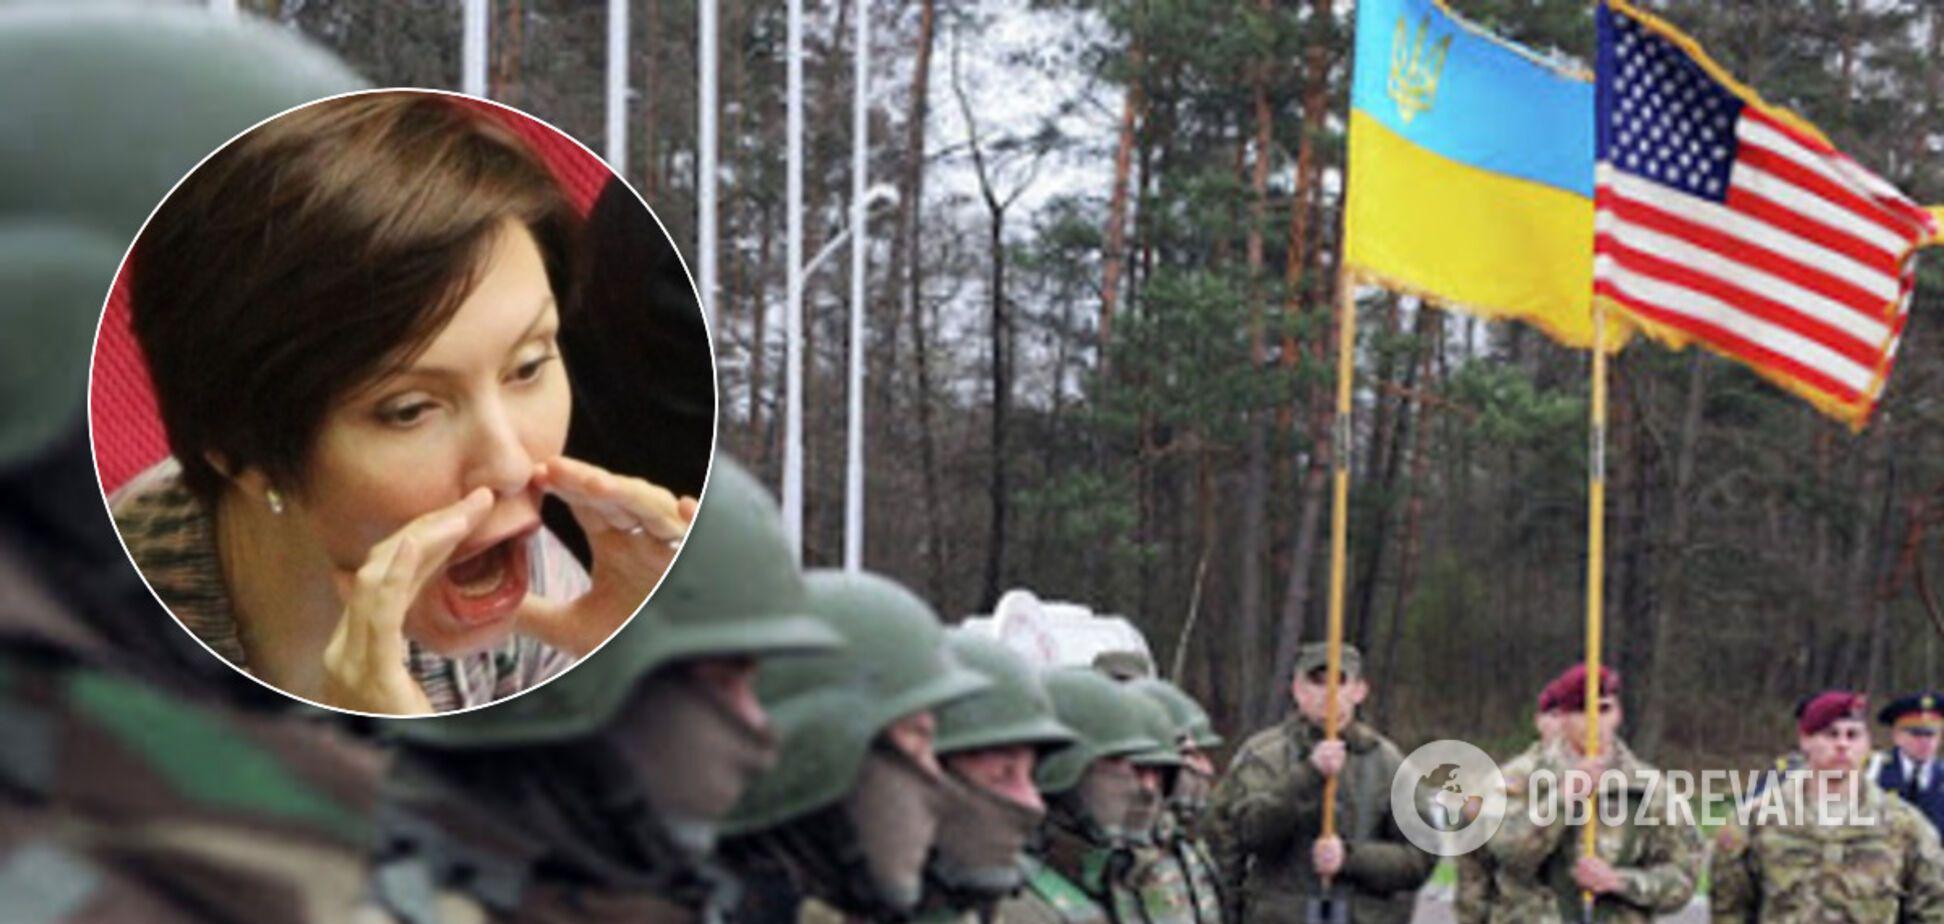 Бондаренко устроила истерику из-за 'секретной' базы США в Украине. Видео